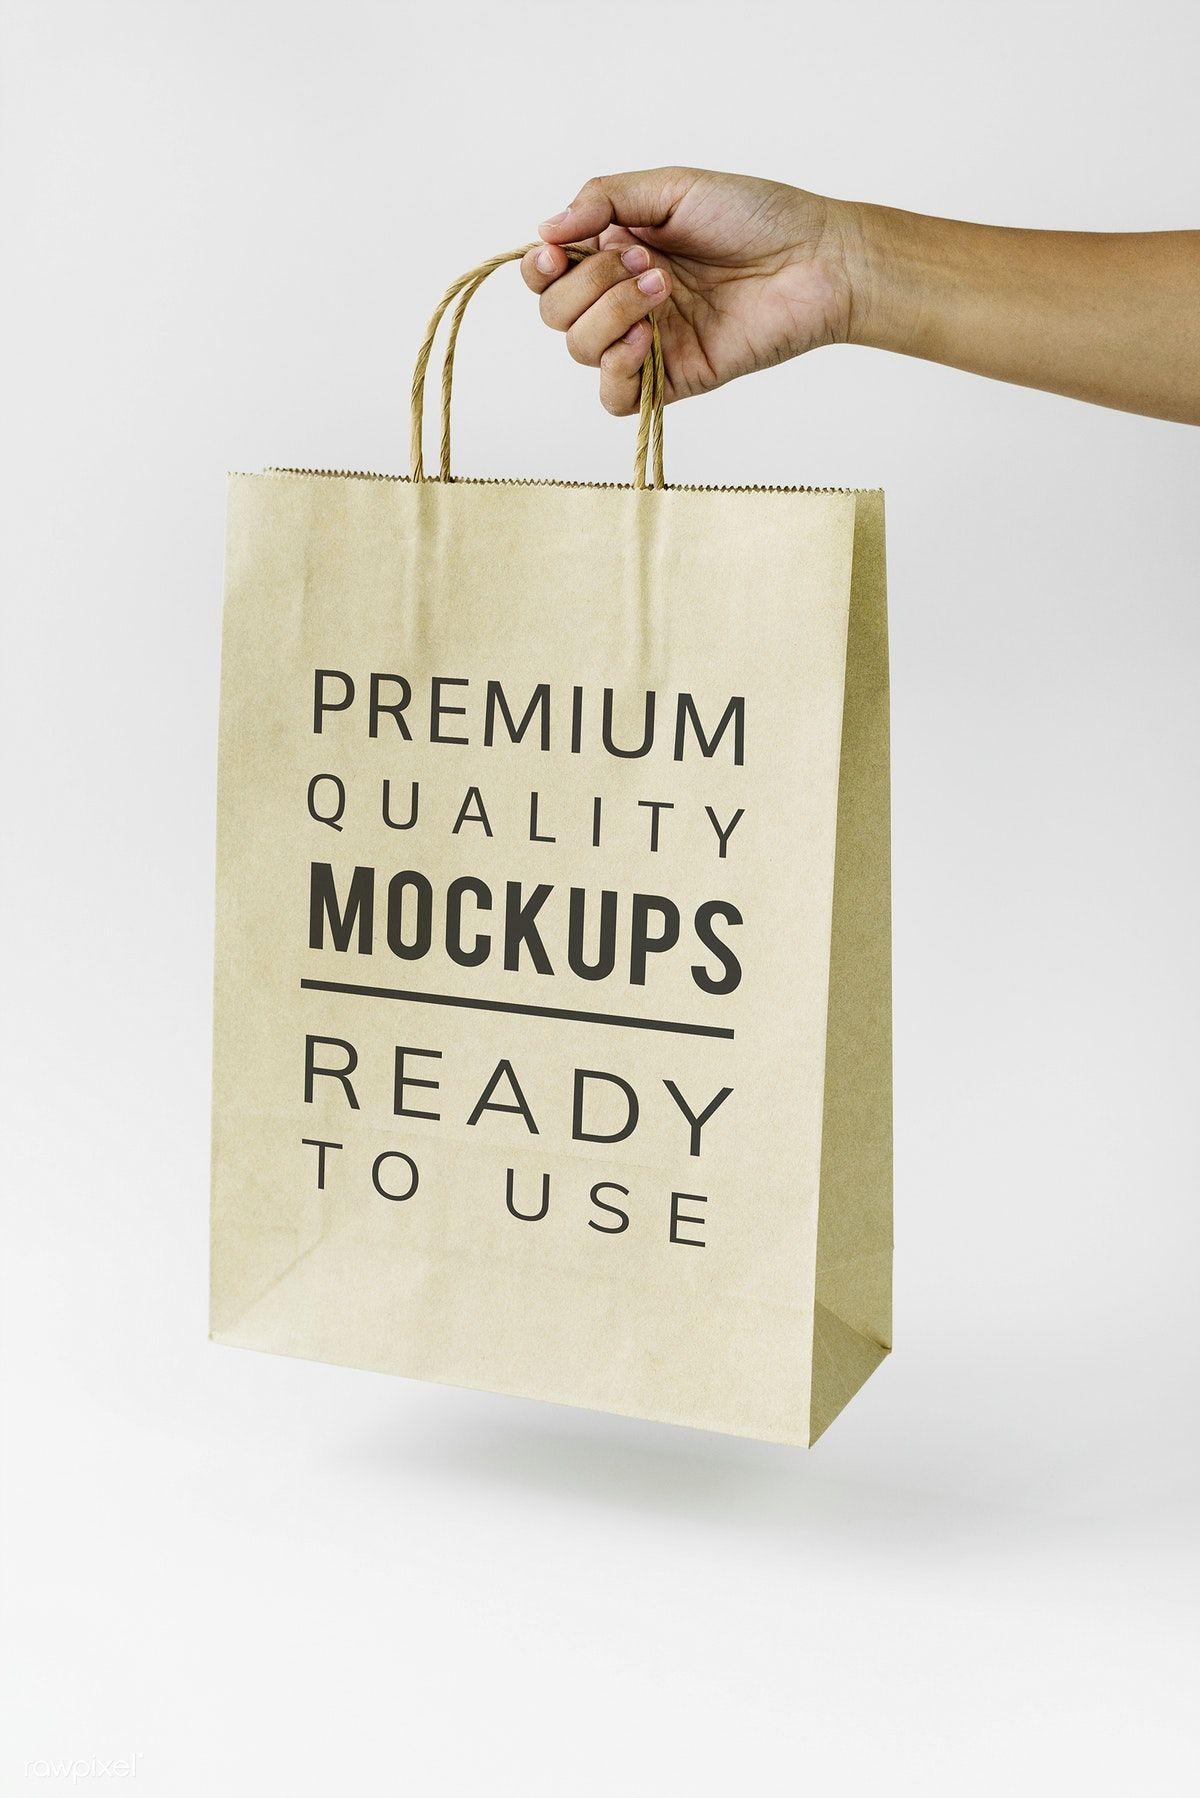 Download Download Premium Psd Of Paper Bag Mockup 296299 Bag Mockup Bags Paper Bag